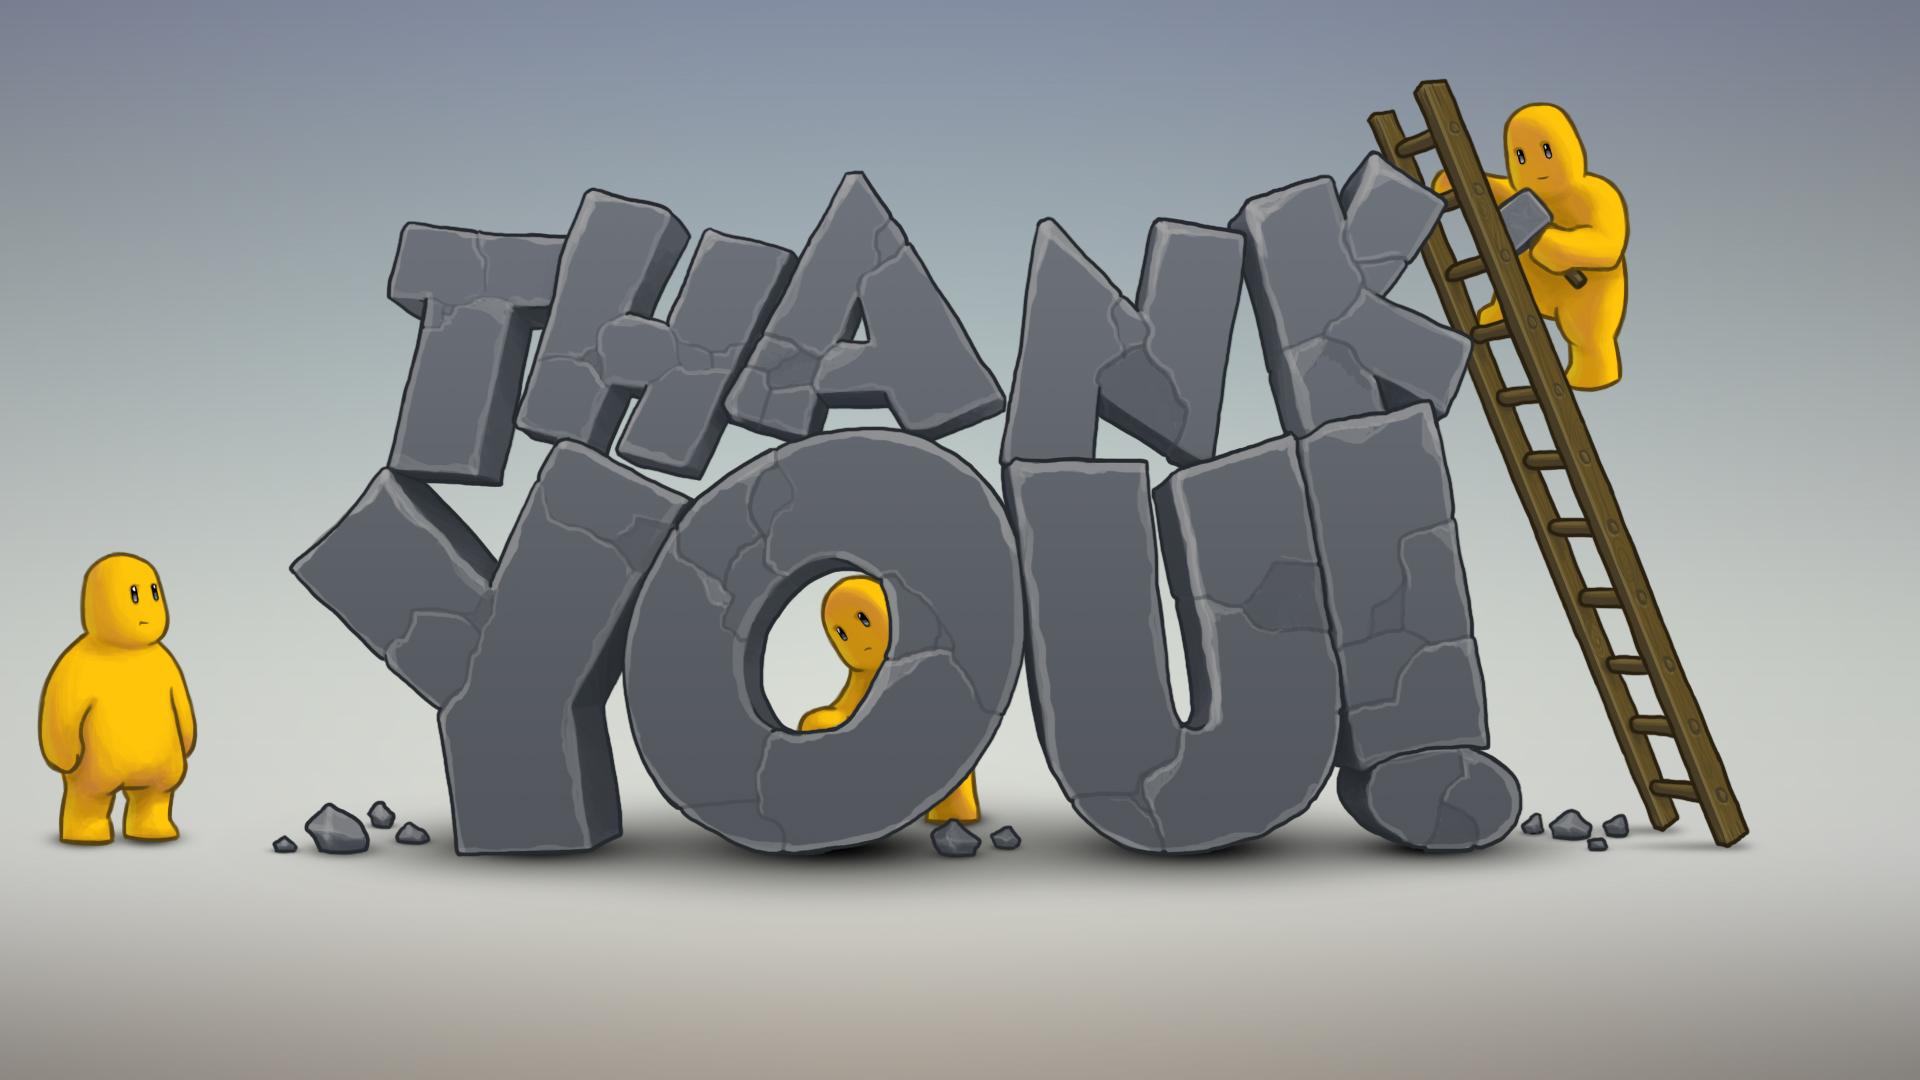 ThuThuatTinHoc - Slide cảm ơn đẹp (42)